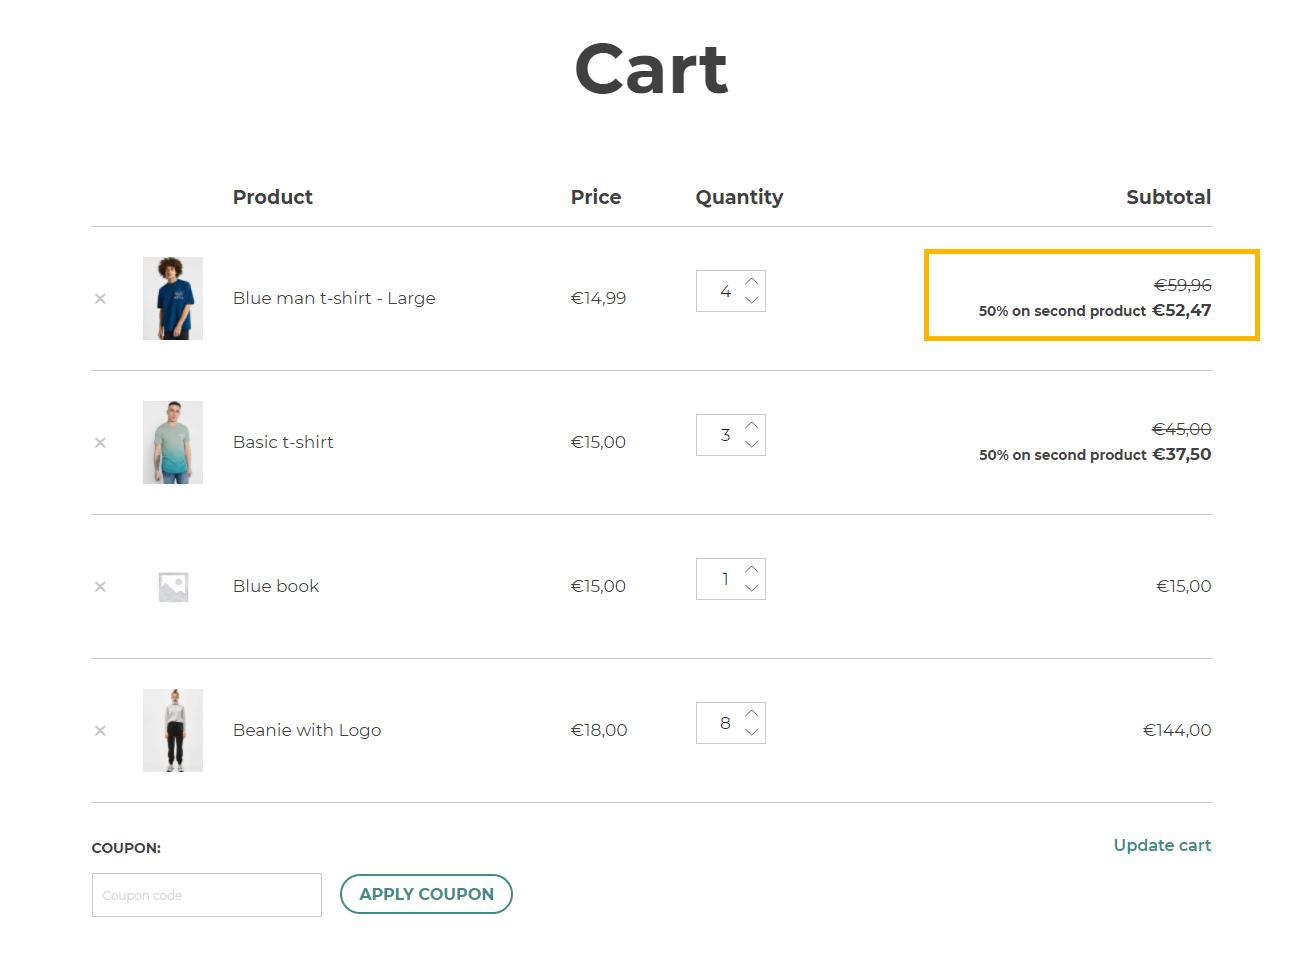 Discount in subtotal